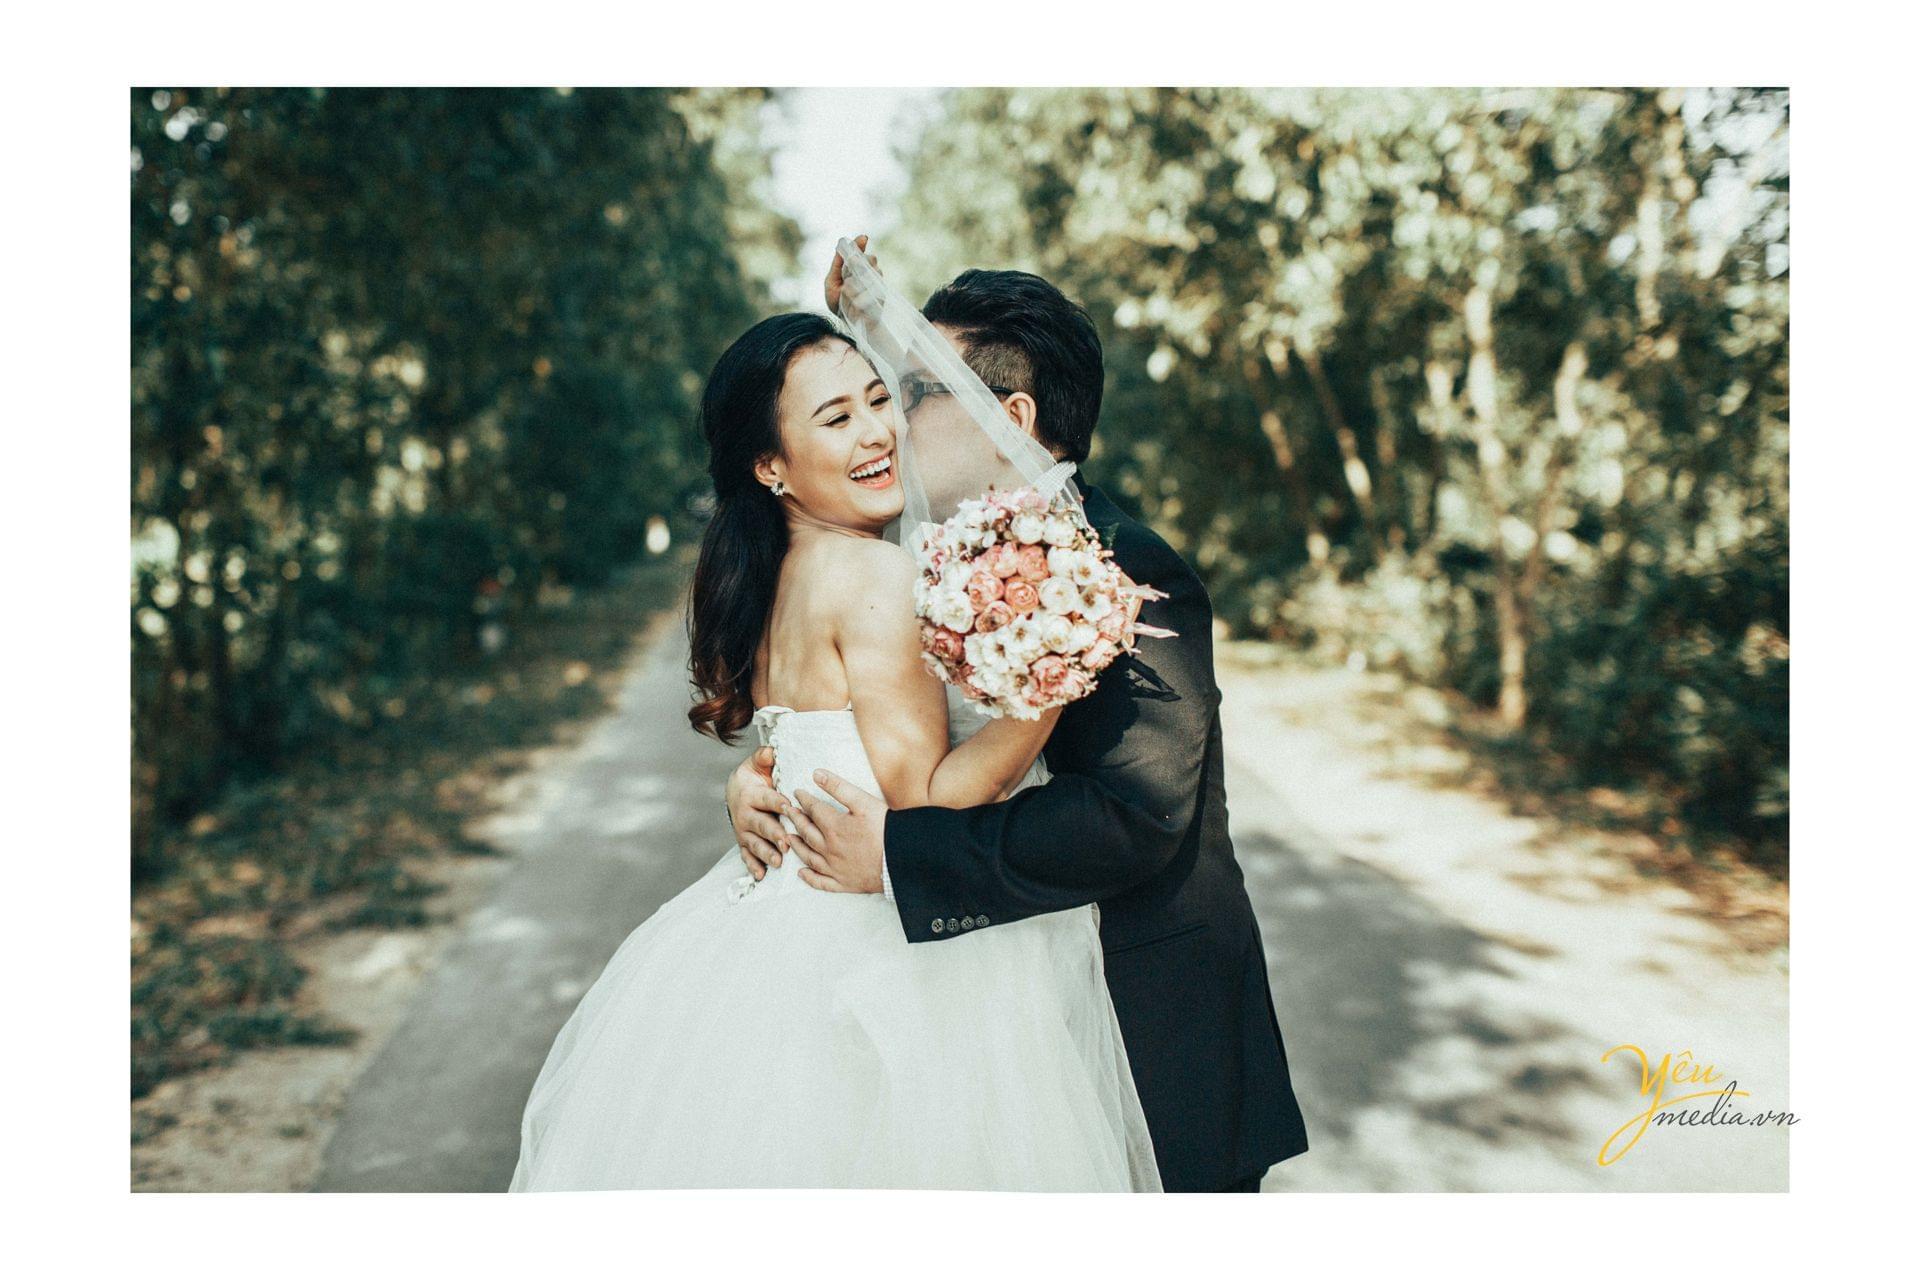 chú rể hôn má cô dâu cười hạnh phúc